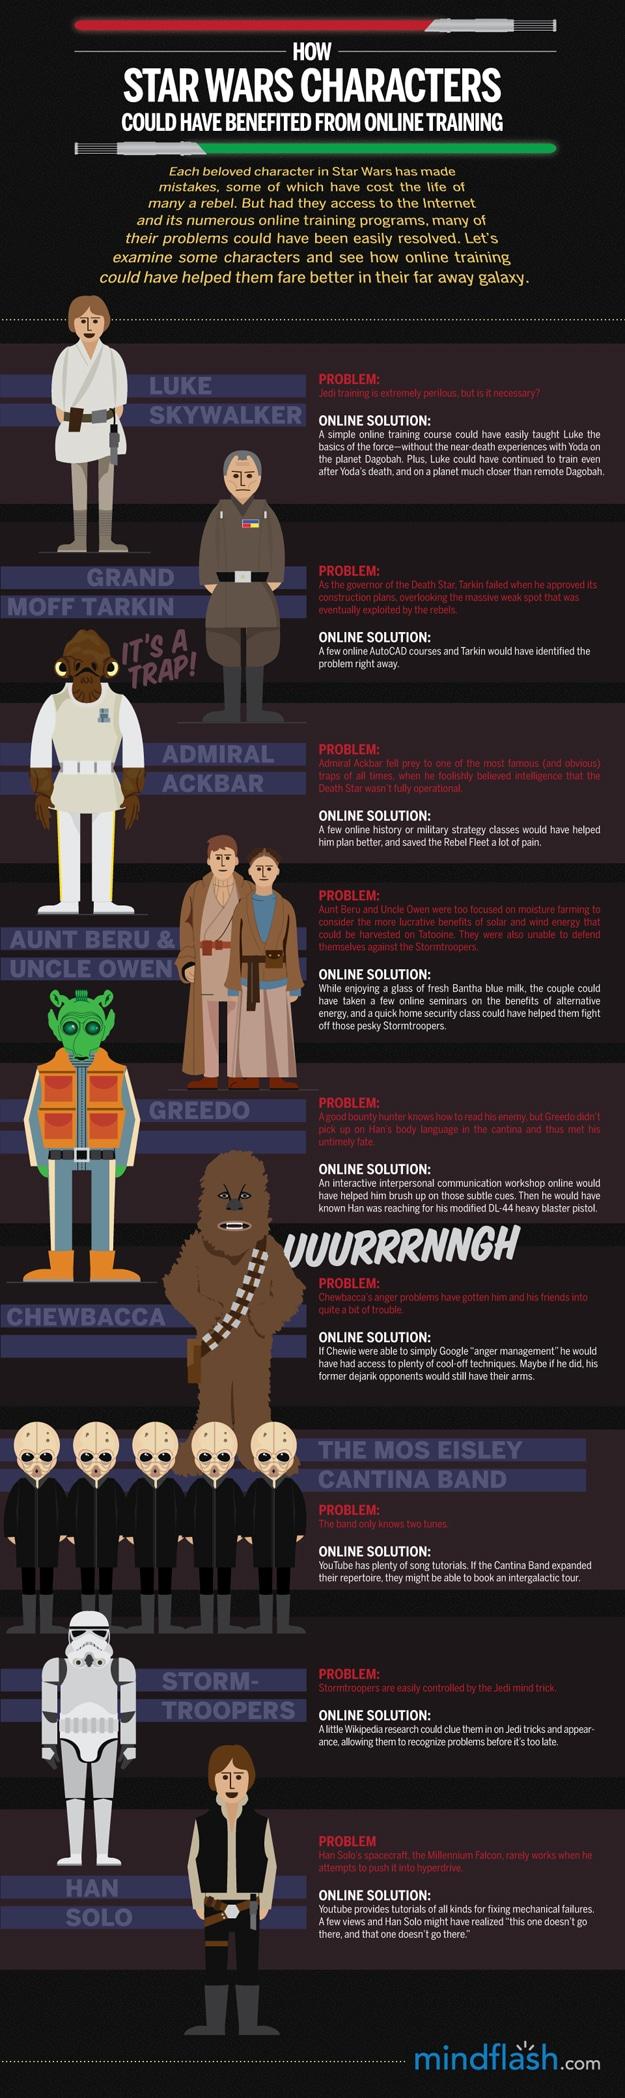 If Star Wars Had Google